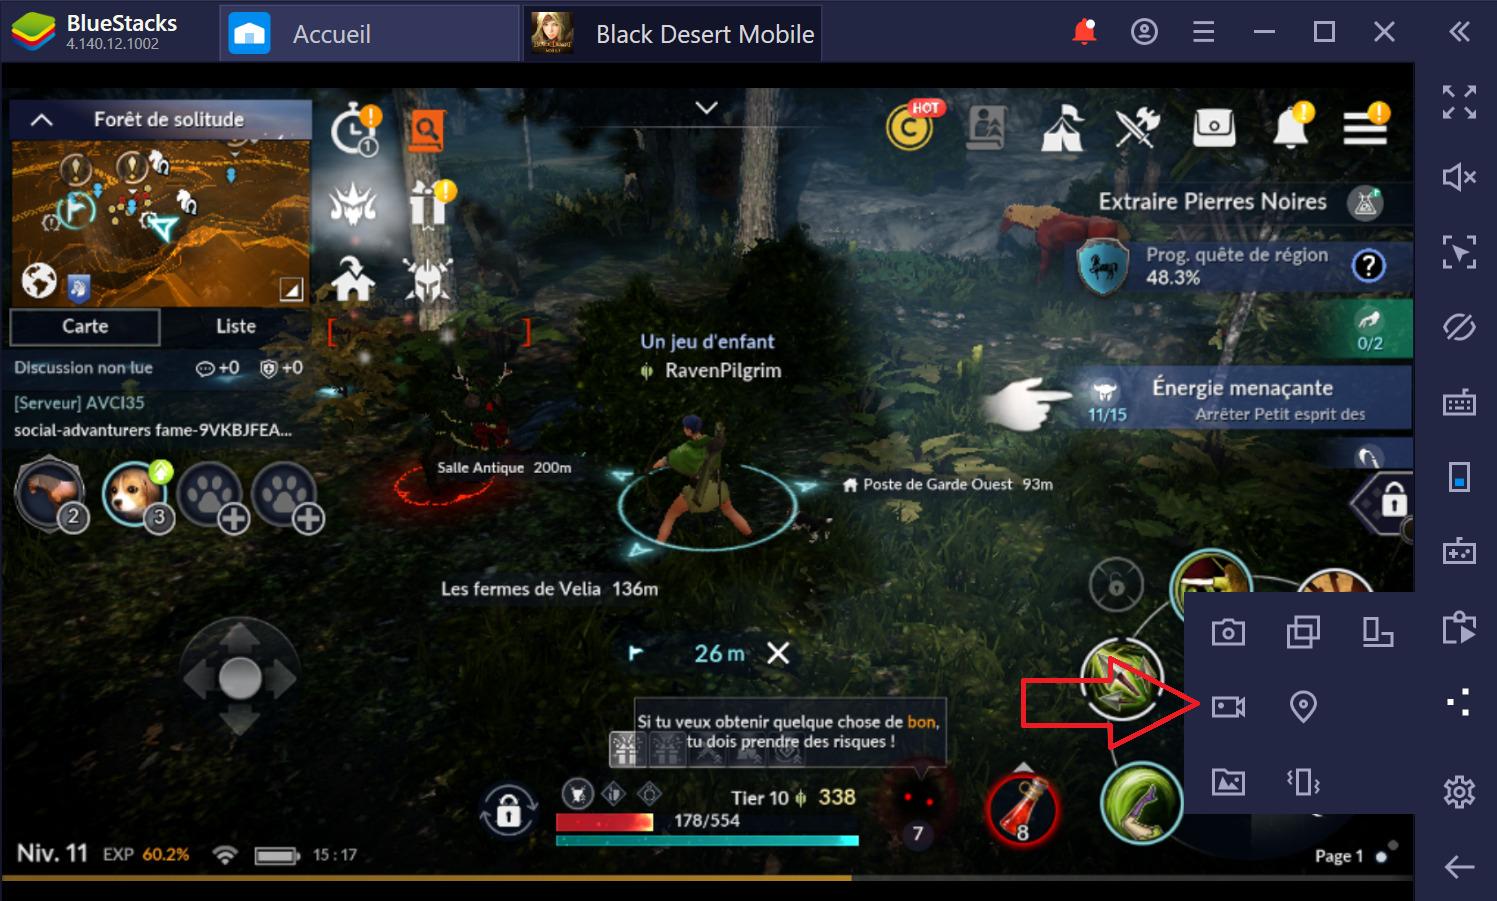 Guide BlueStacks pour Black Desert Mobile – Comment révéler tout le potentiel de ce MMORPG